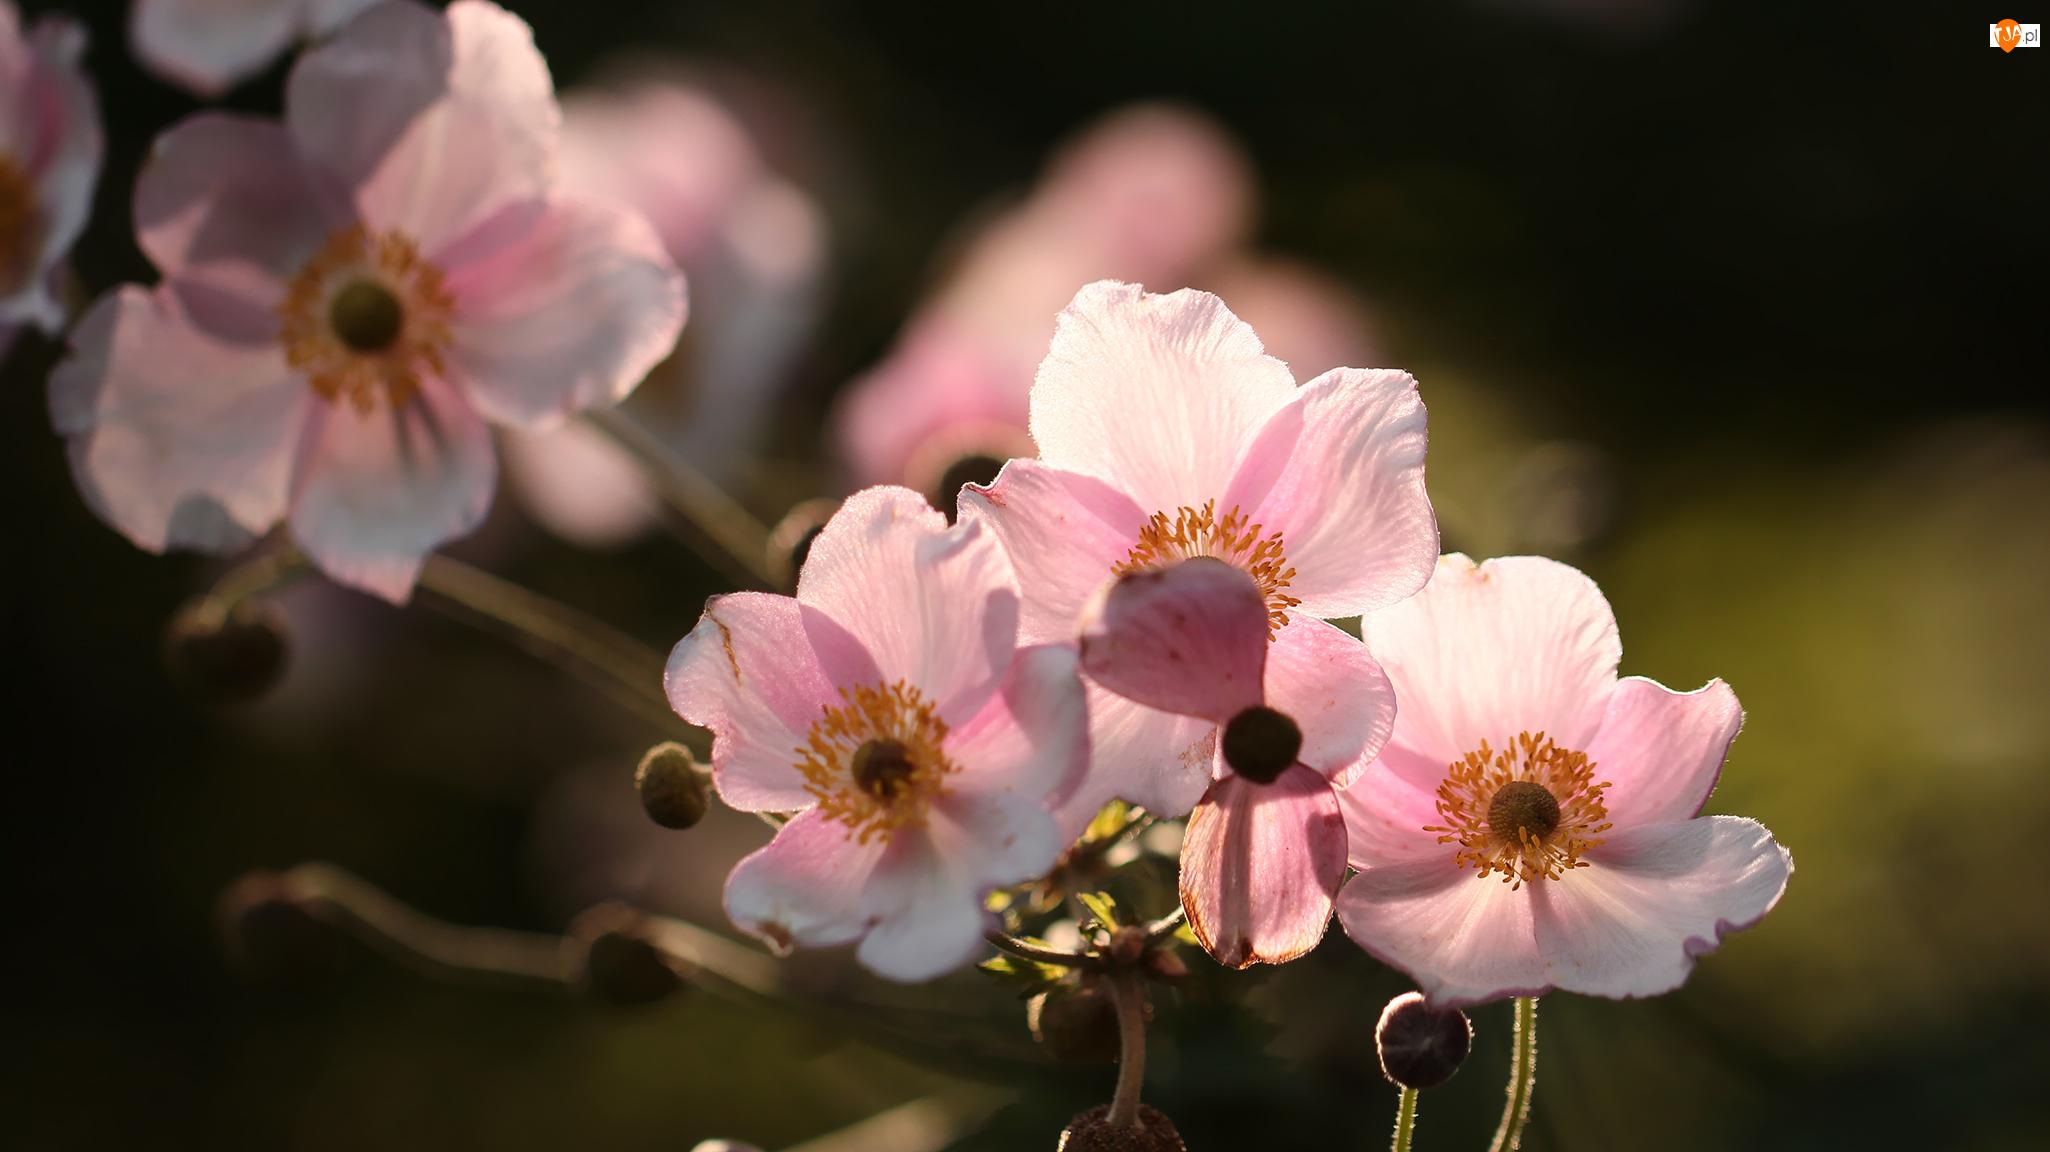 Kwiaty, Zawilce japońskie, Różowe